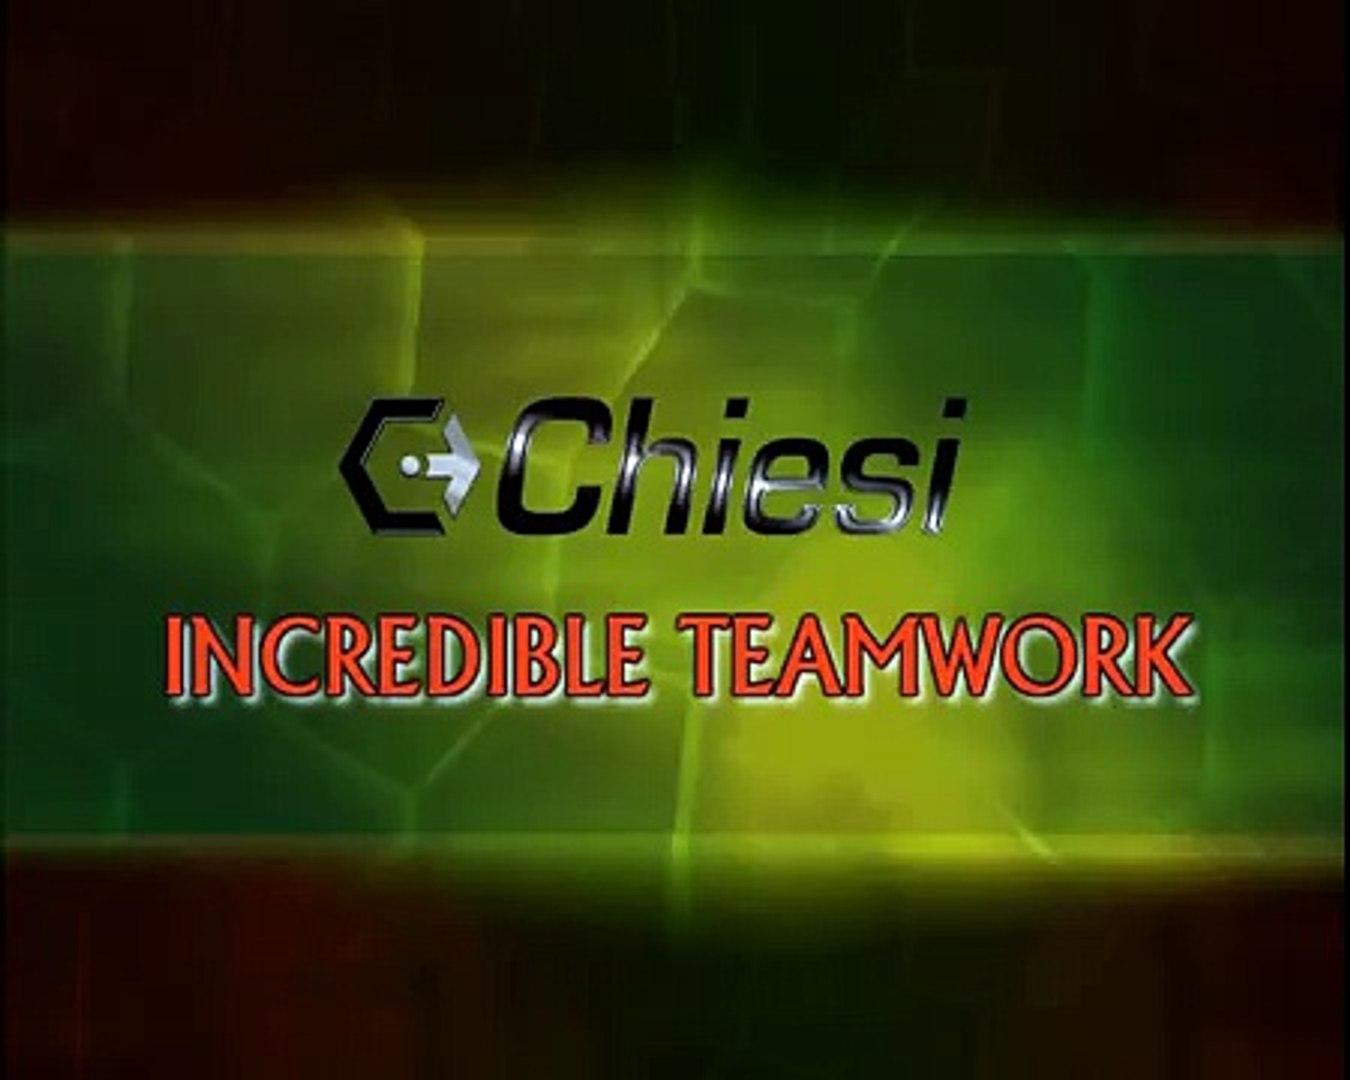 Motivational Video - Teamwork